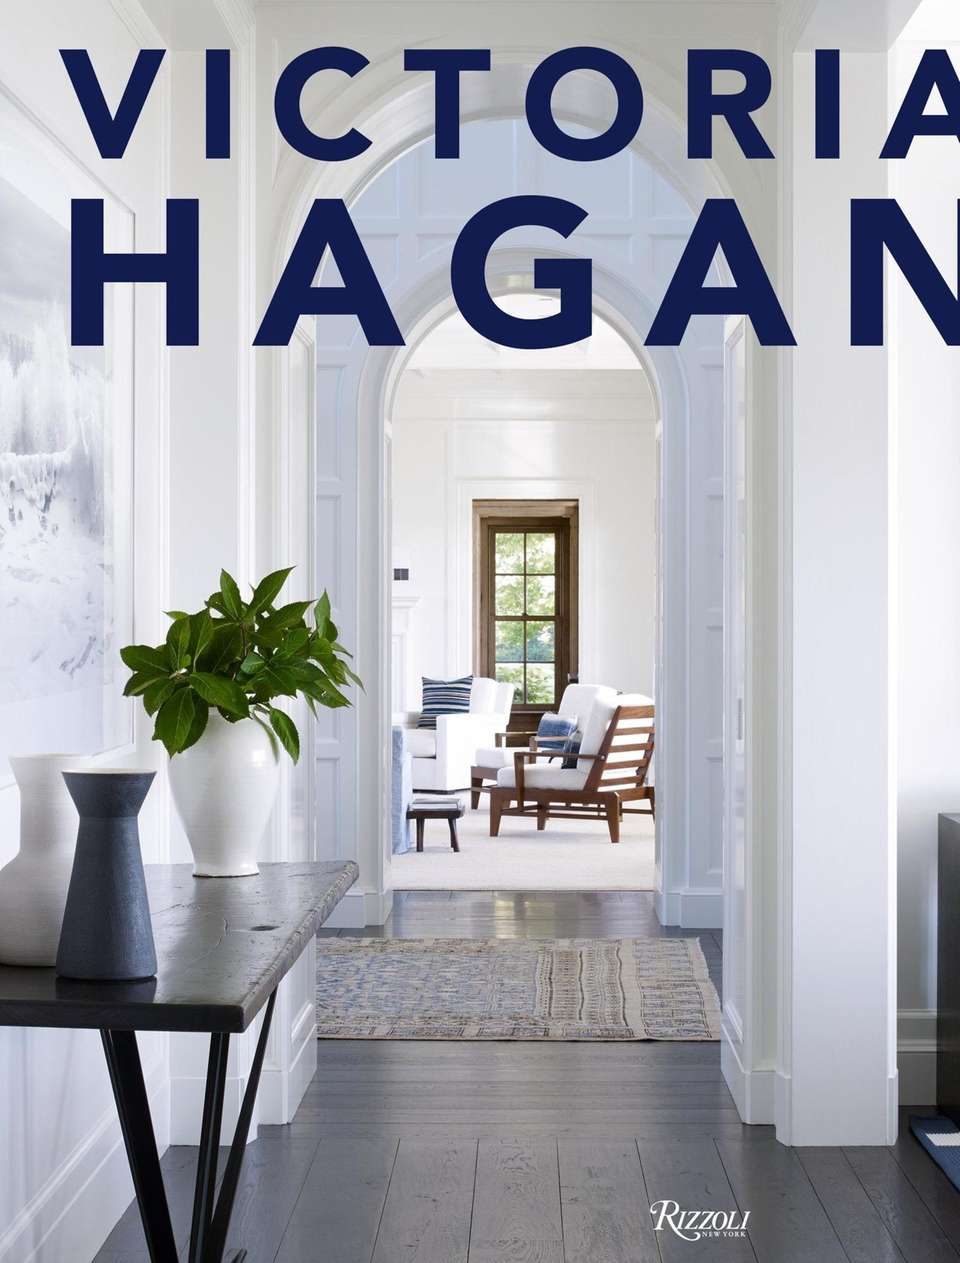 Interior designer victoria hagans